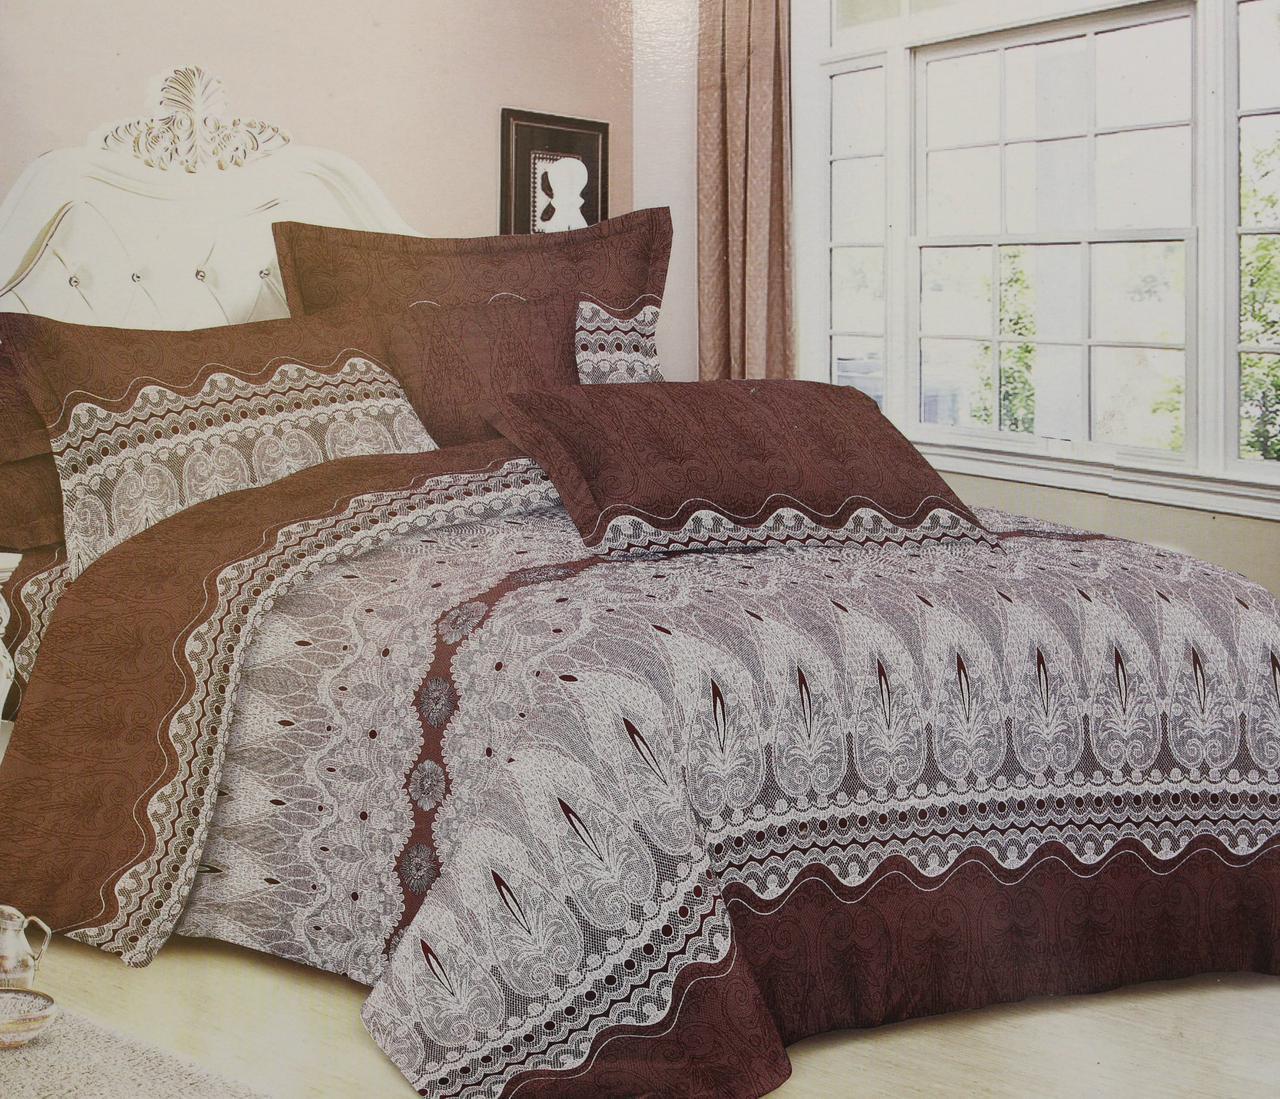 Постельное белье Casa de Lux Textile - евро